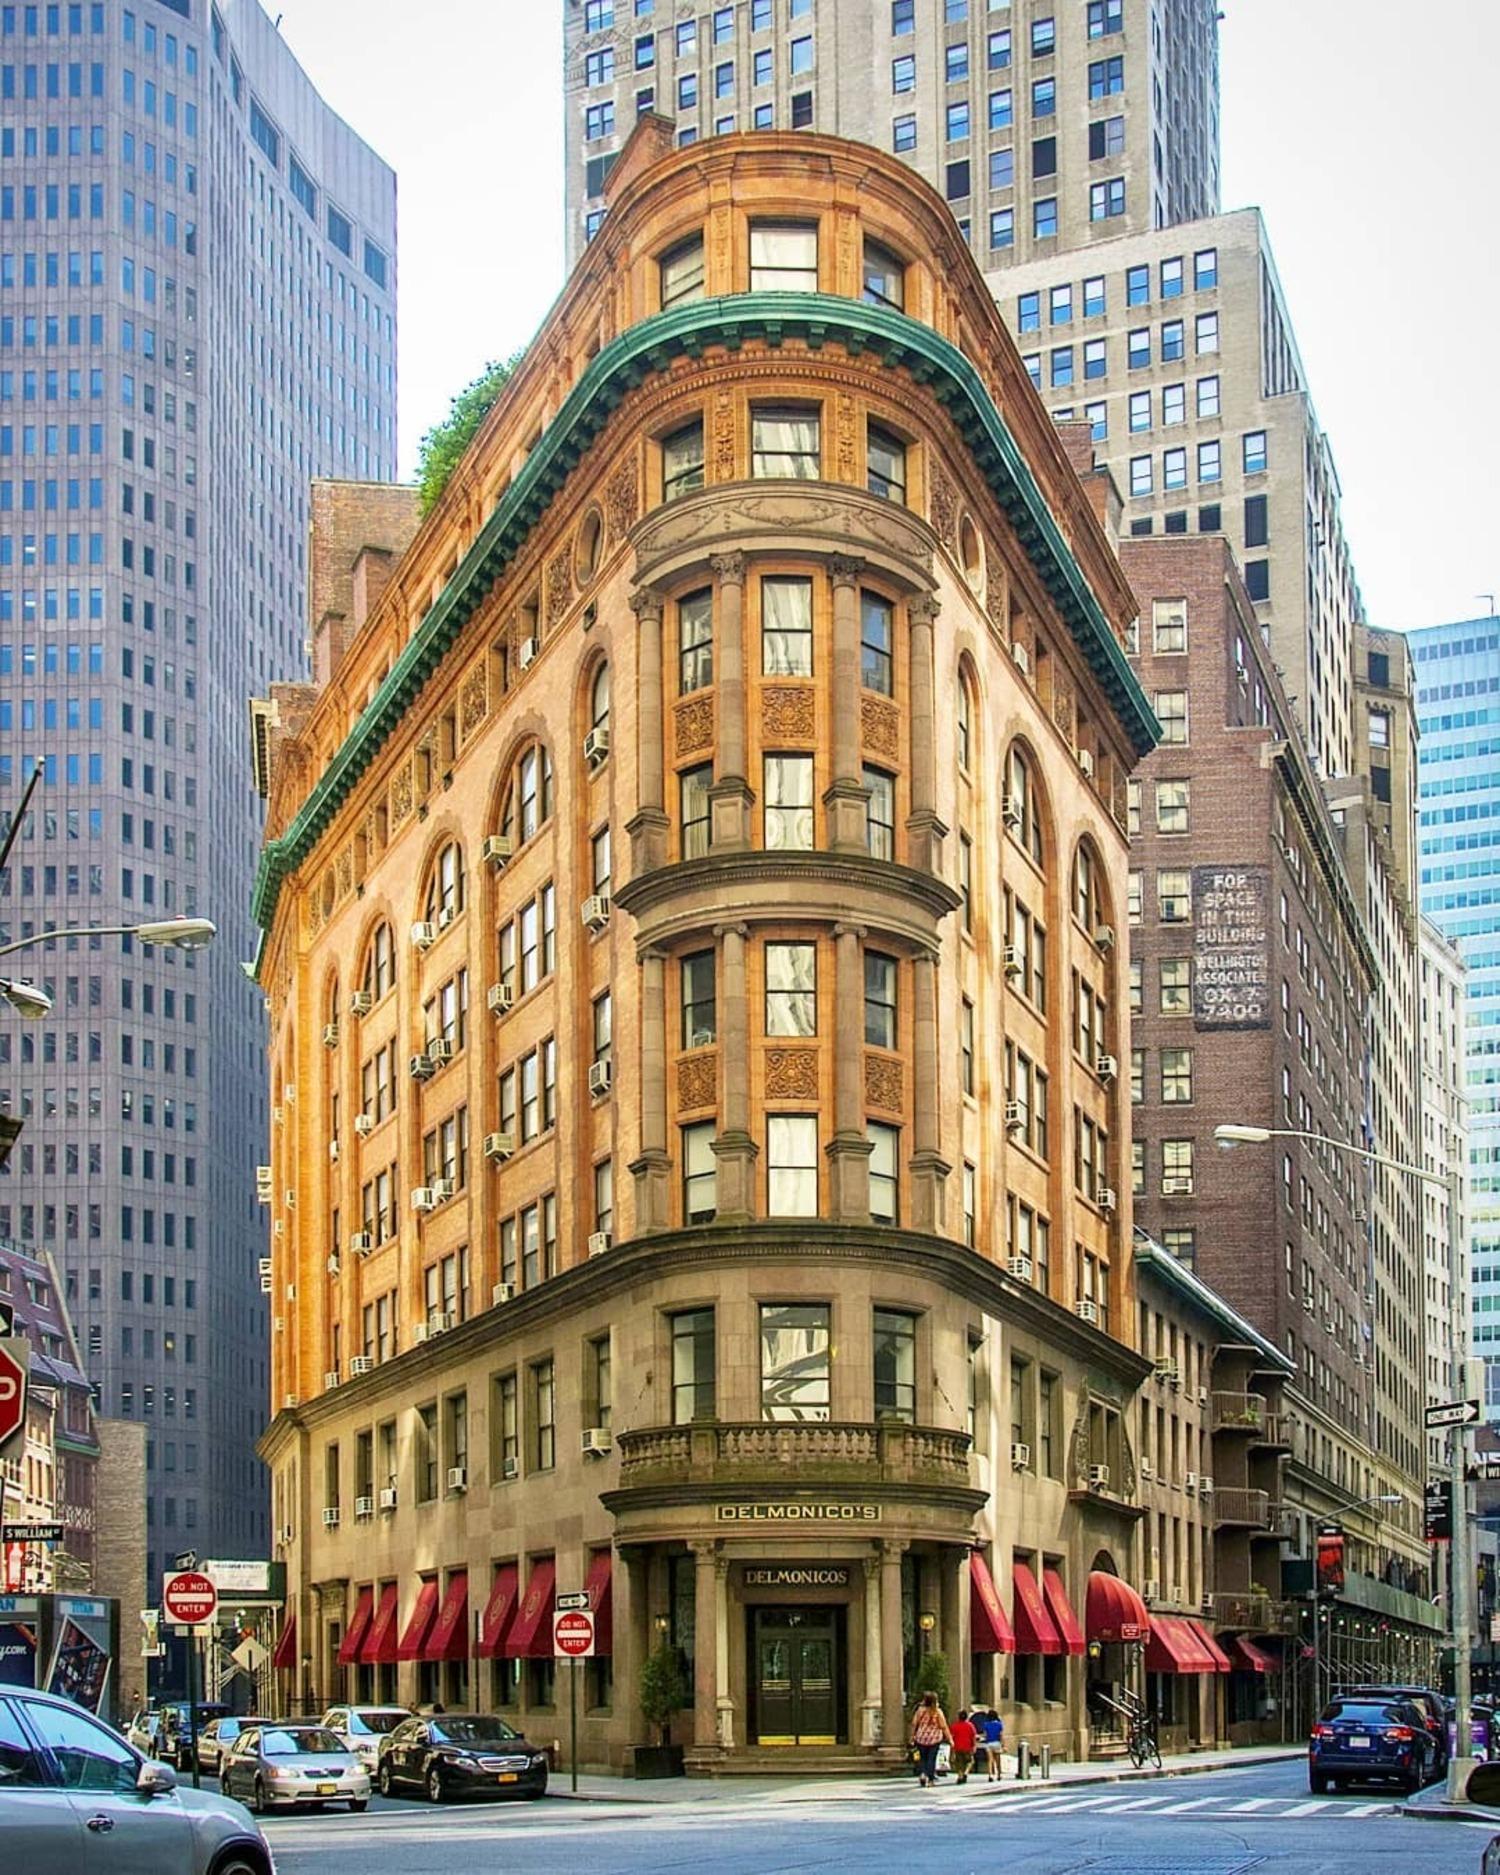 Delmonico's Restaurant, Financial District, Manhattan